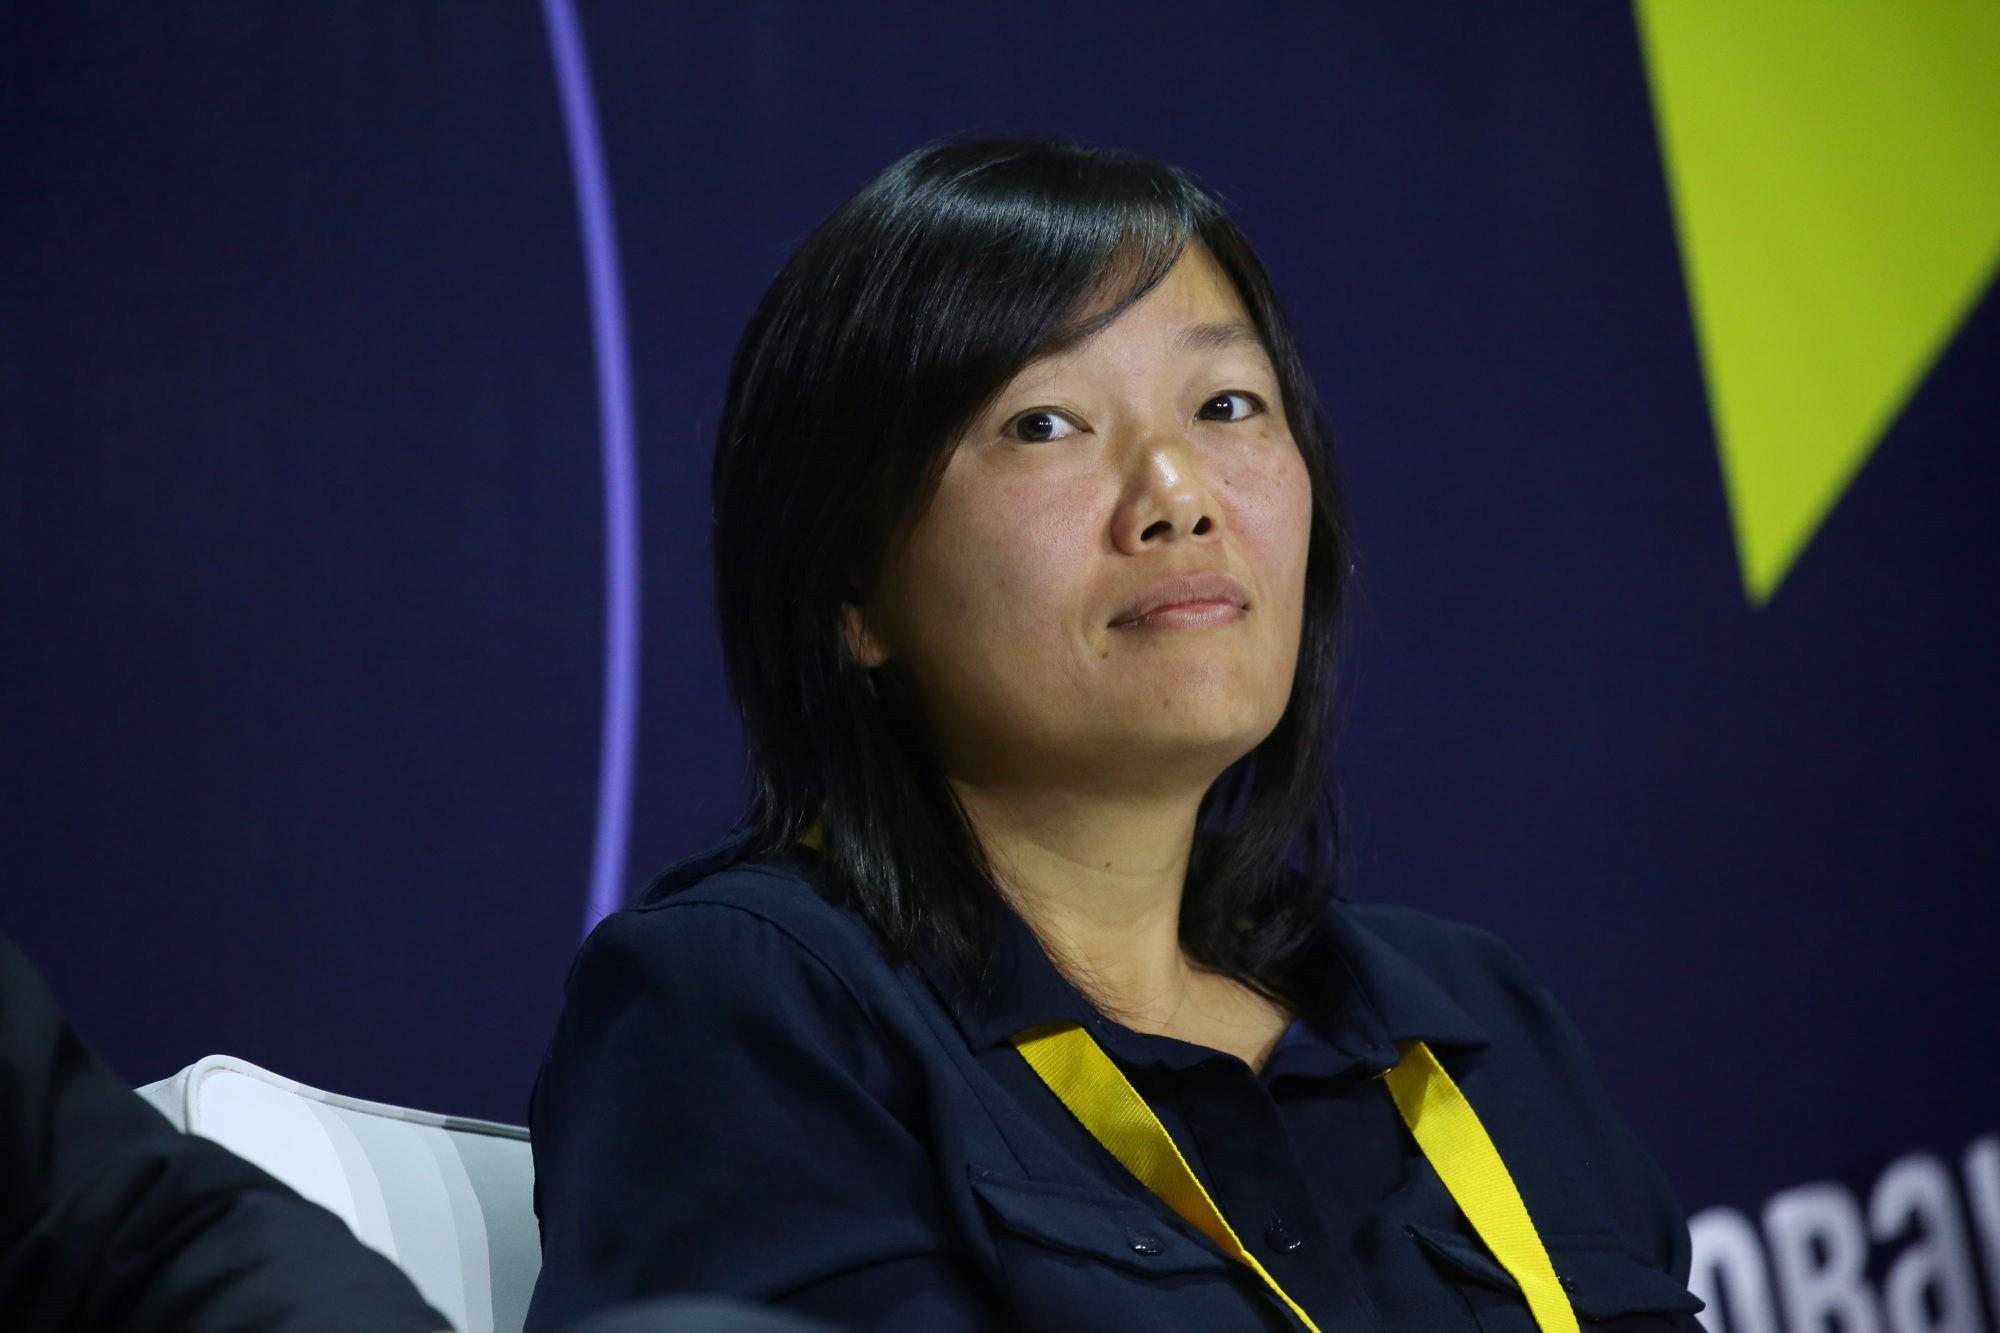 Сколько зарабатывает генеральный директор «Wildberries» – Татьяна Бакальчук